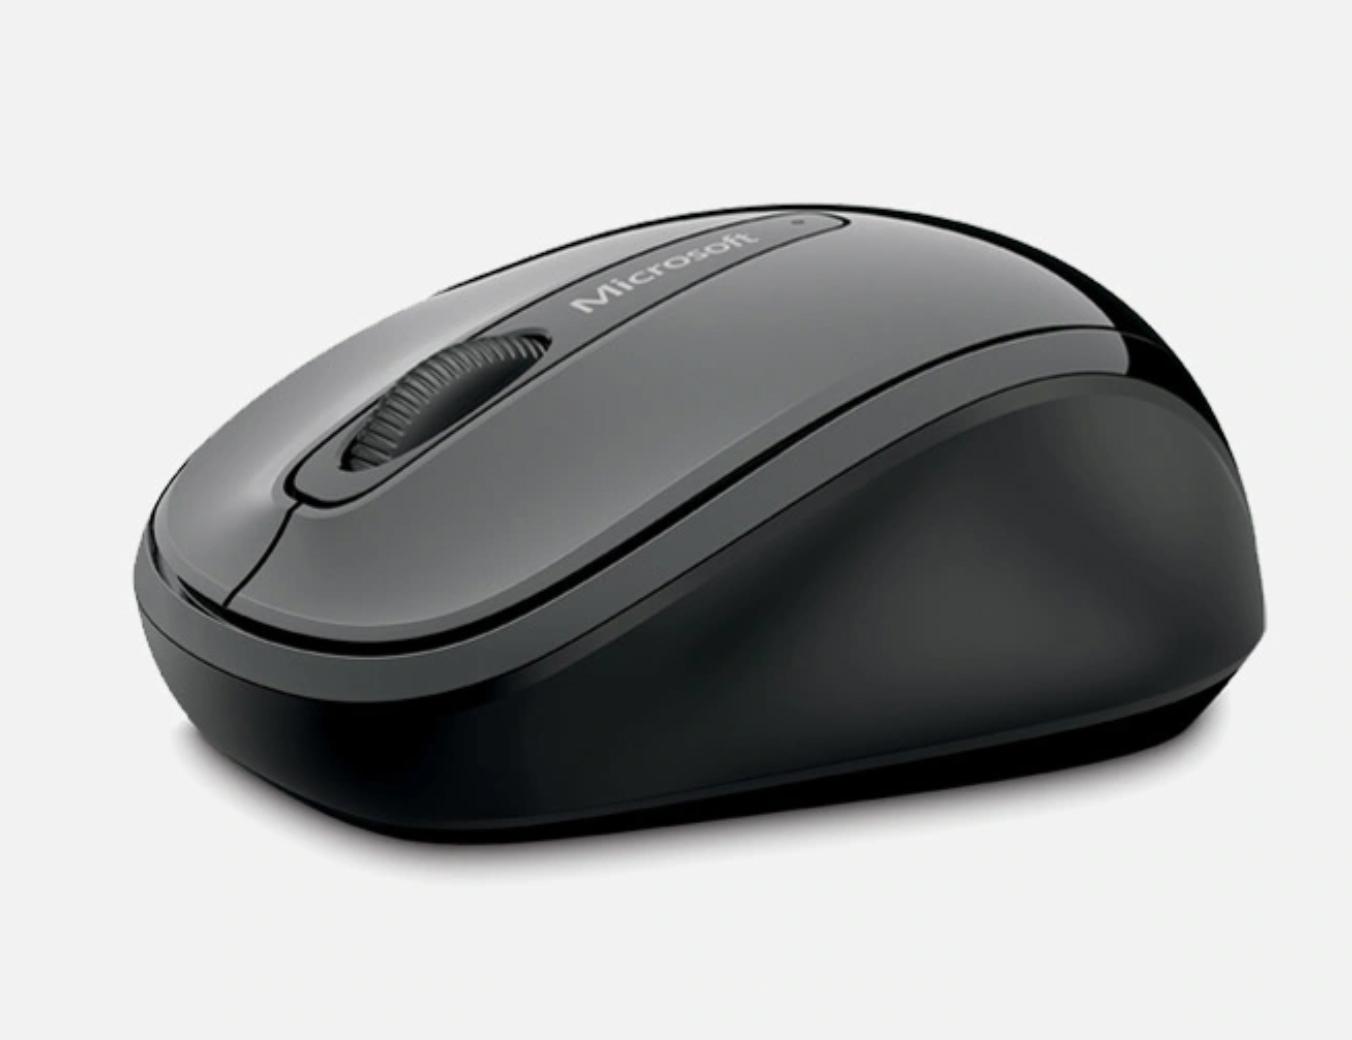 Мышь Microsoft Wireless Mobile Mouse 3500 беспроводная для PC